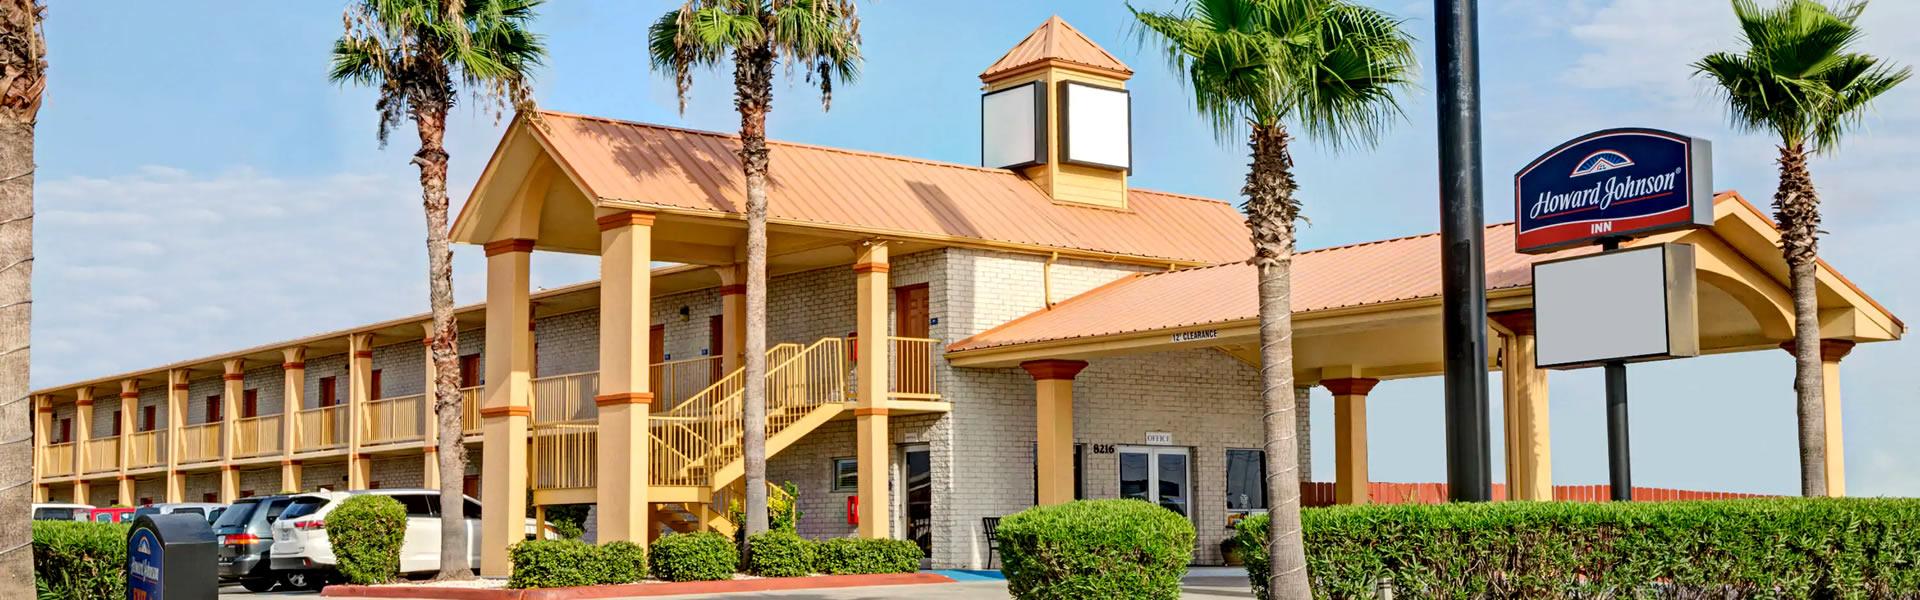 Howard Johnson Express Inn Galveston